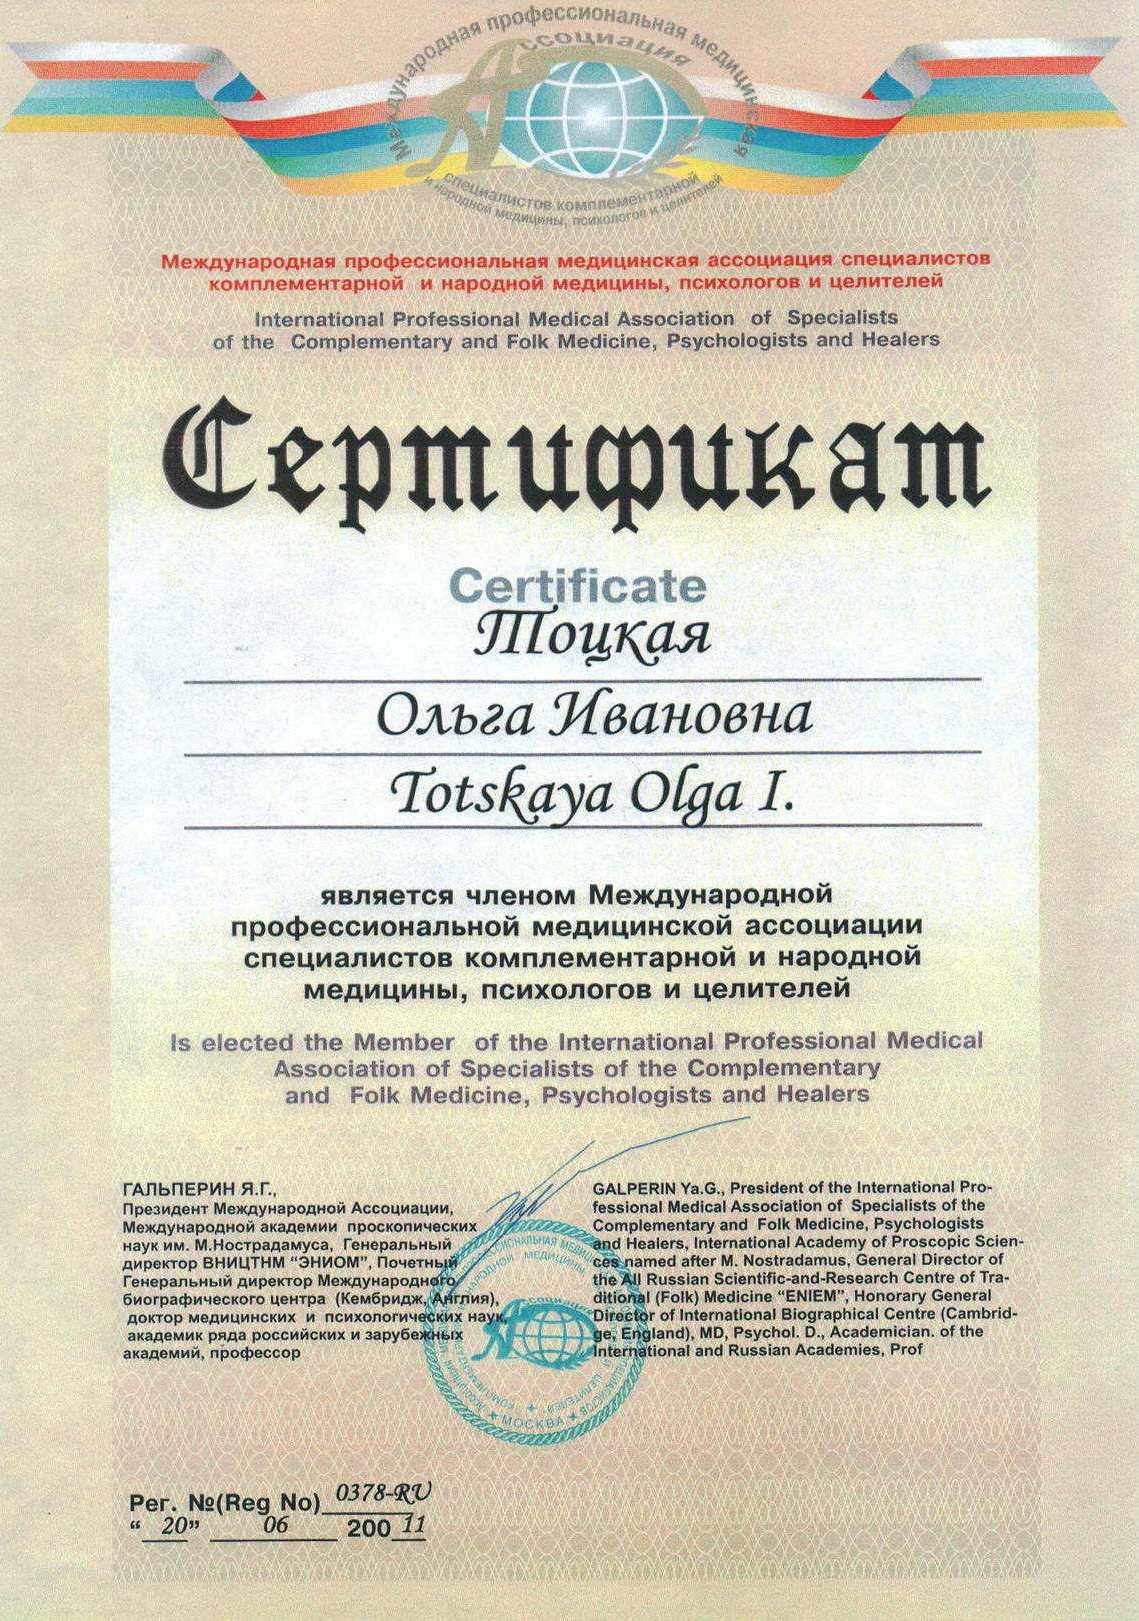 Сертификат о членстве в Международной профессиональной медицинской ассоциации специалистов комплиментарной и народной медицины, психологов и целителей